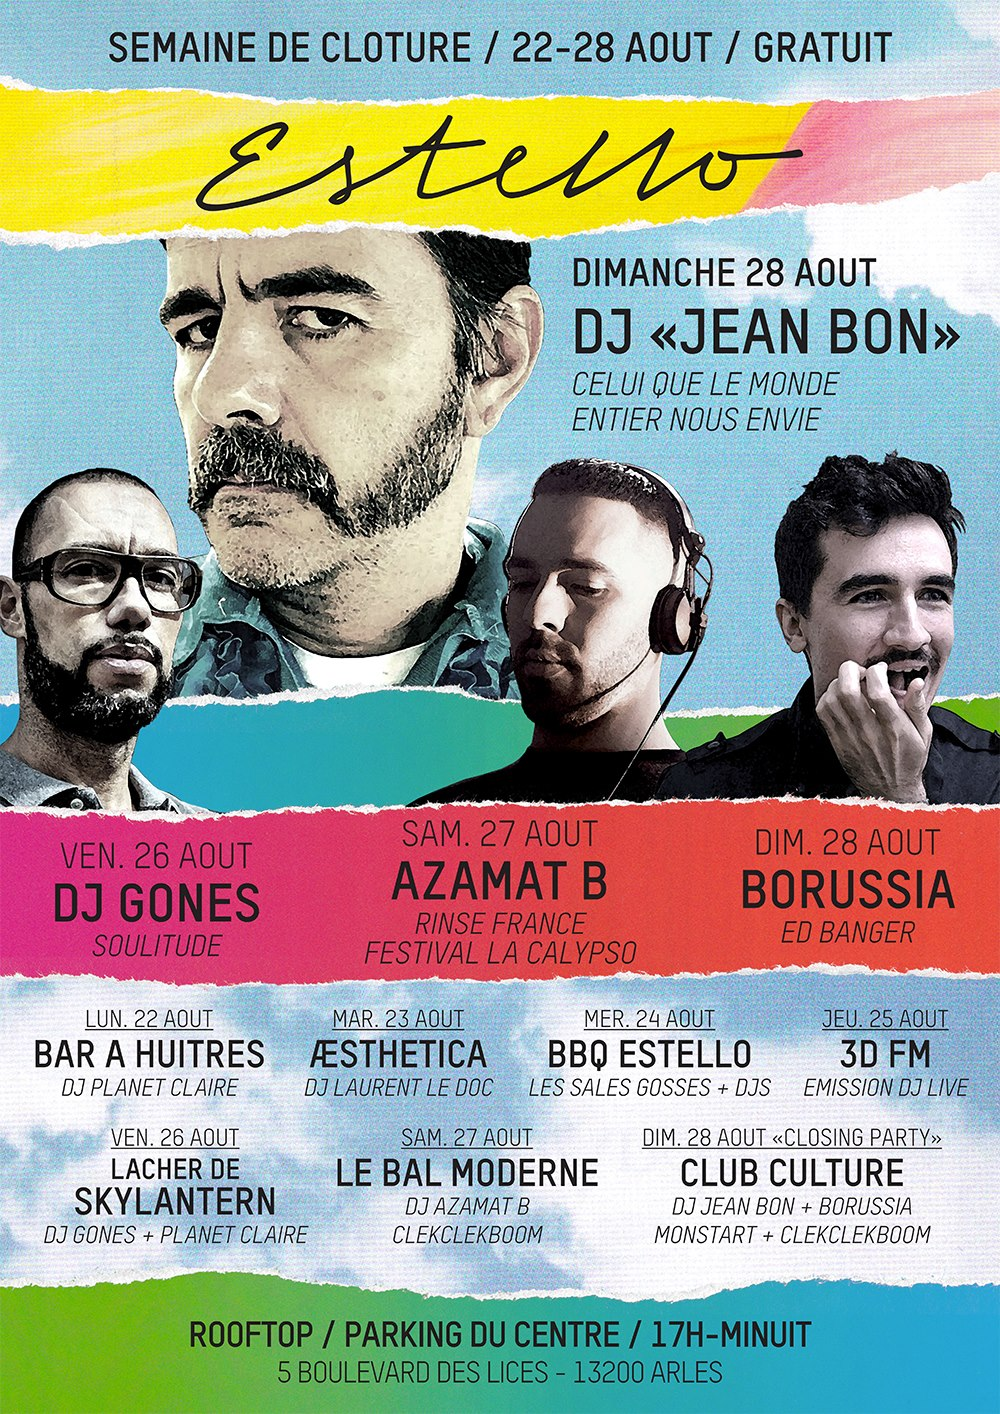 Estello DJ Jean Bon